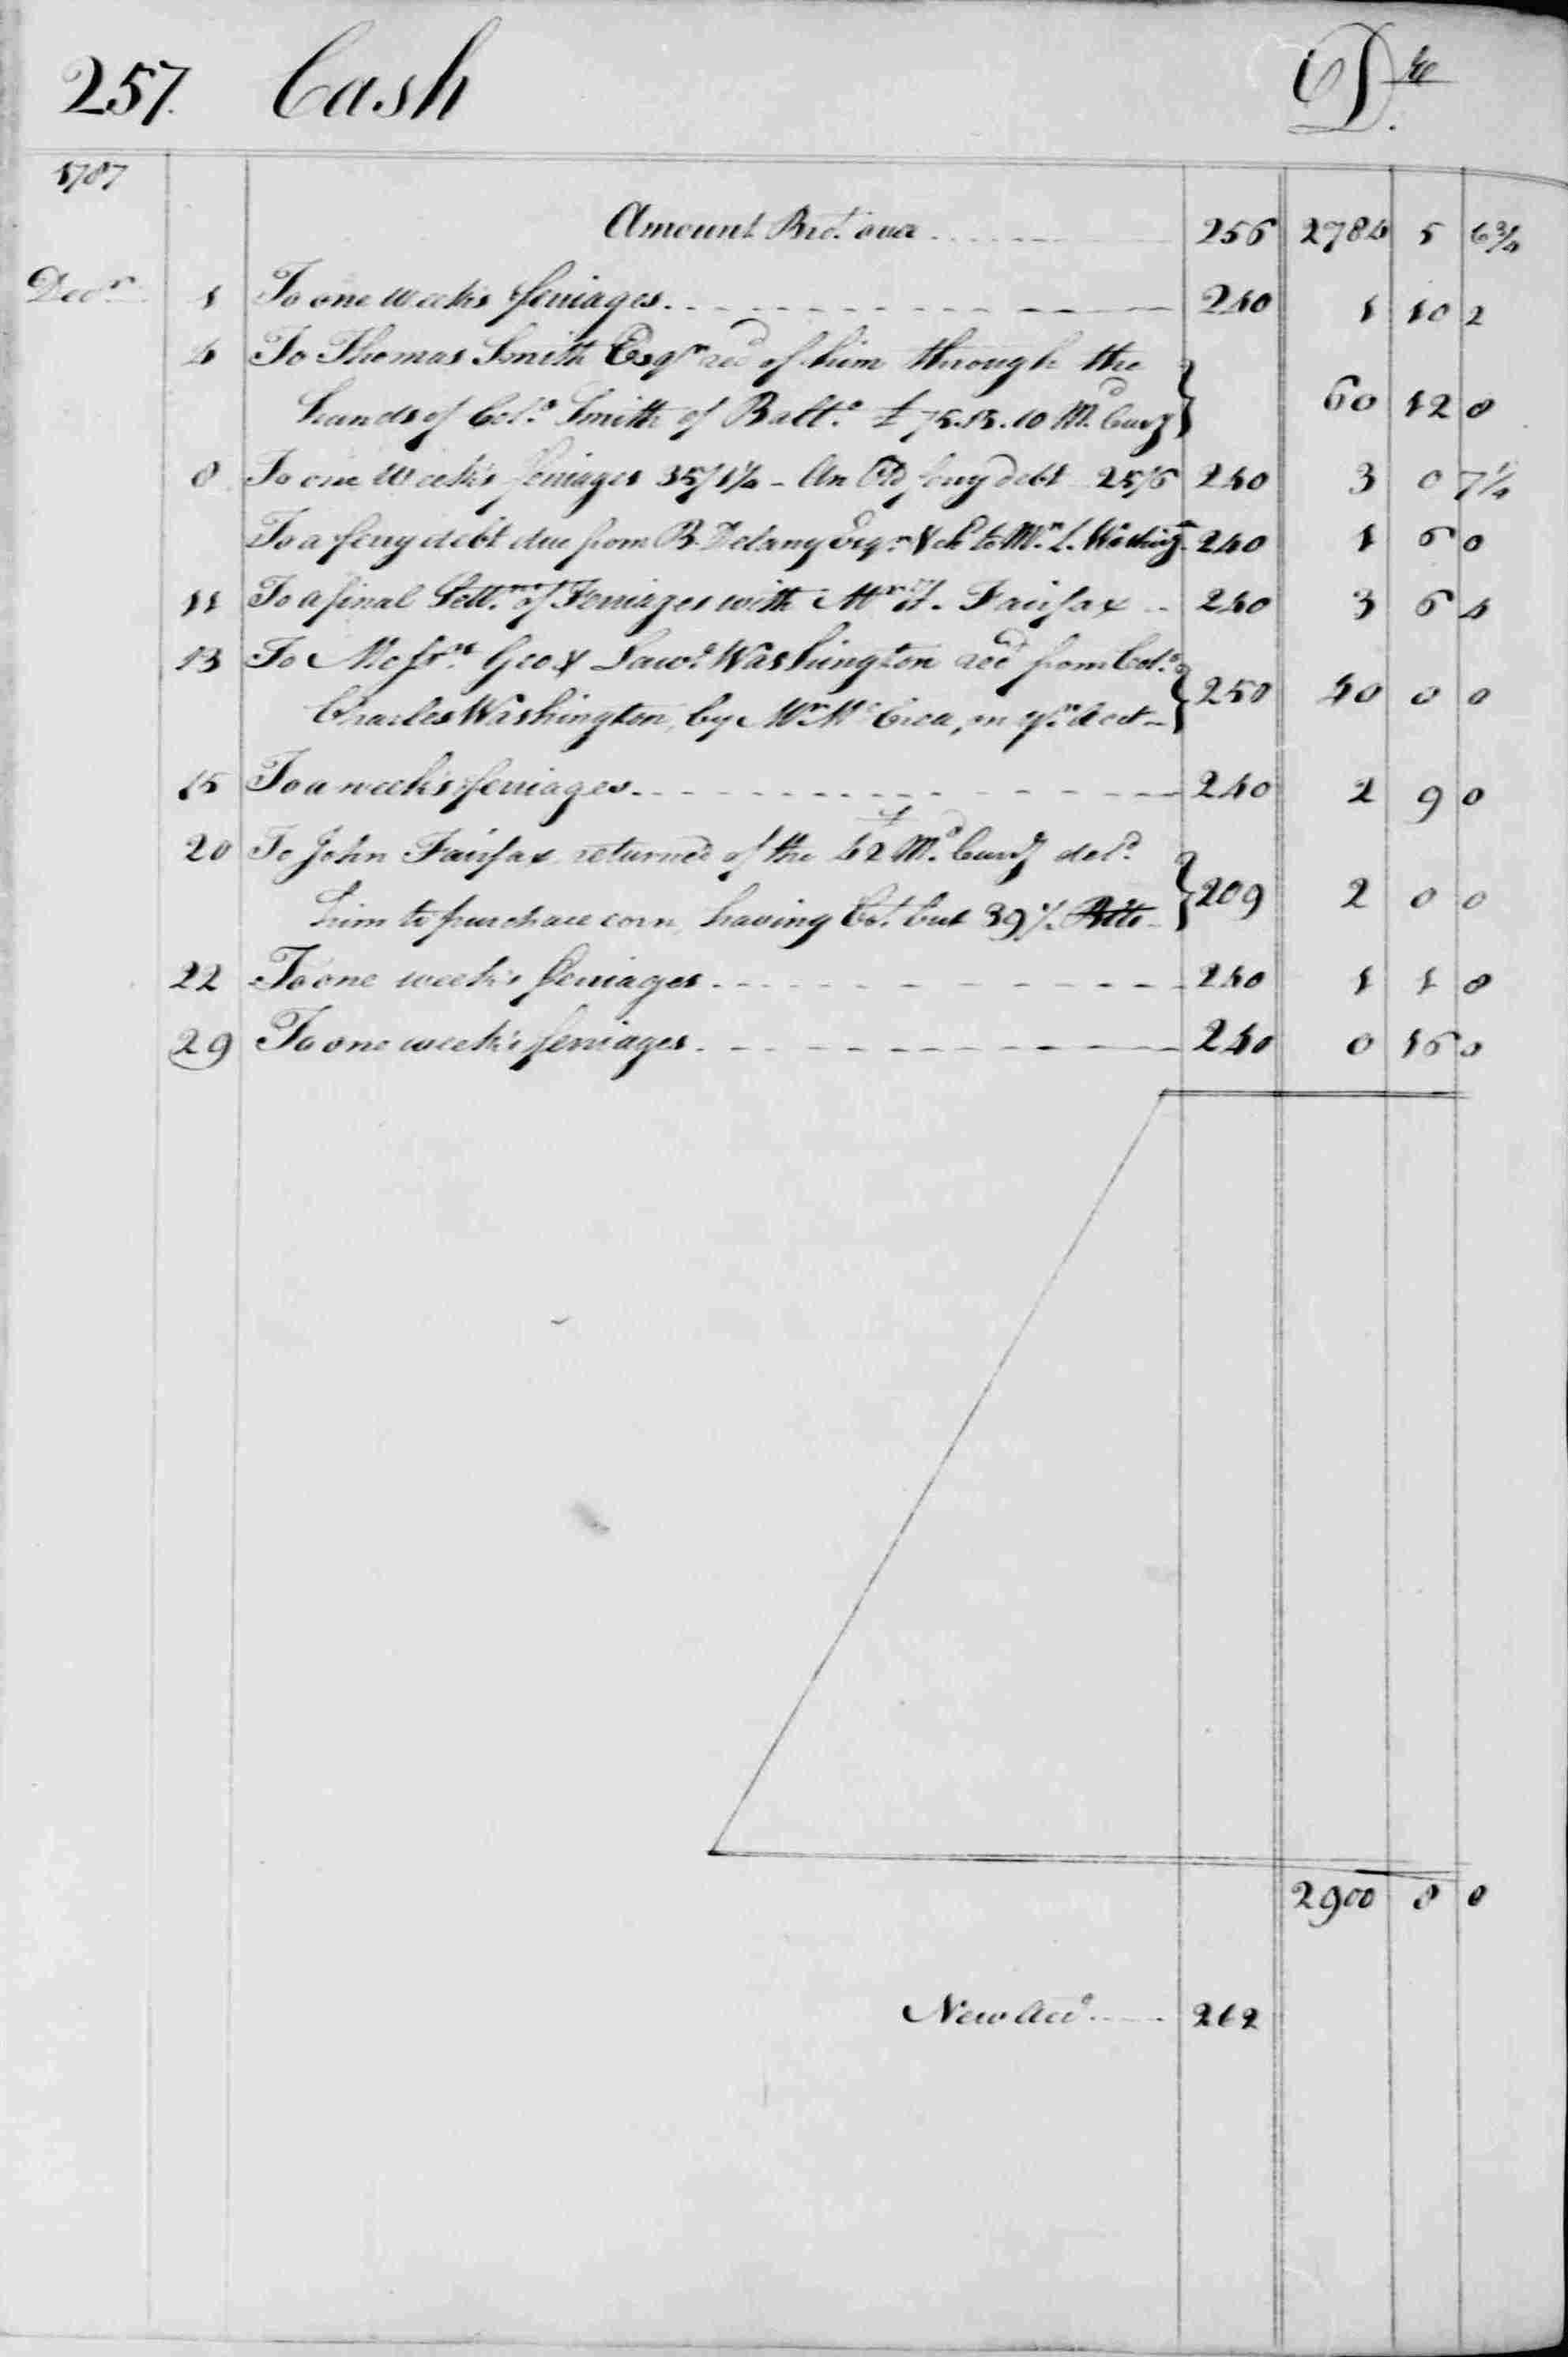 Ledger B, folio 257, left side